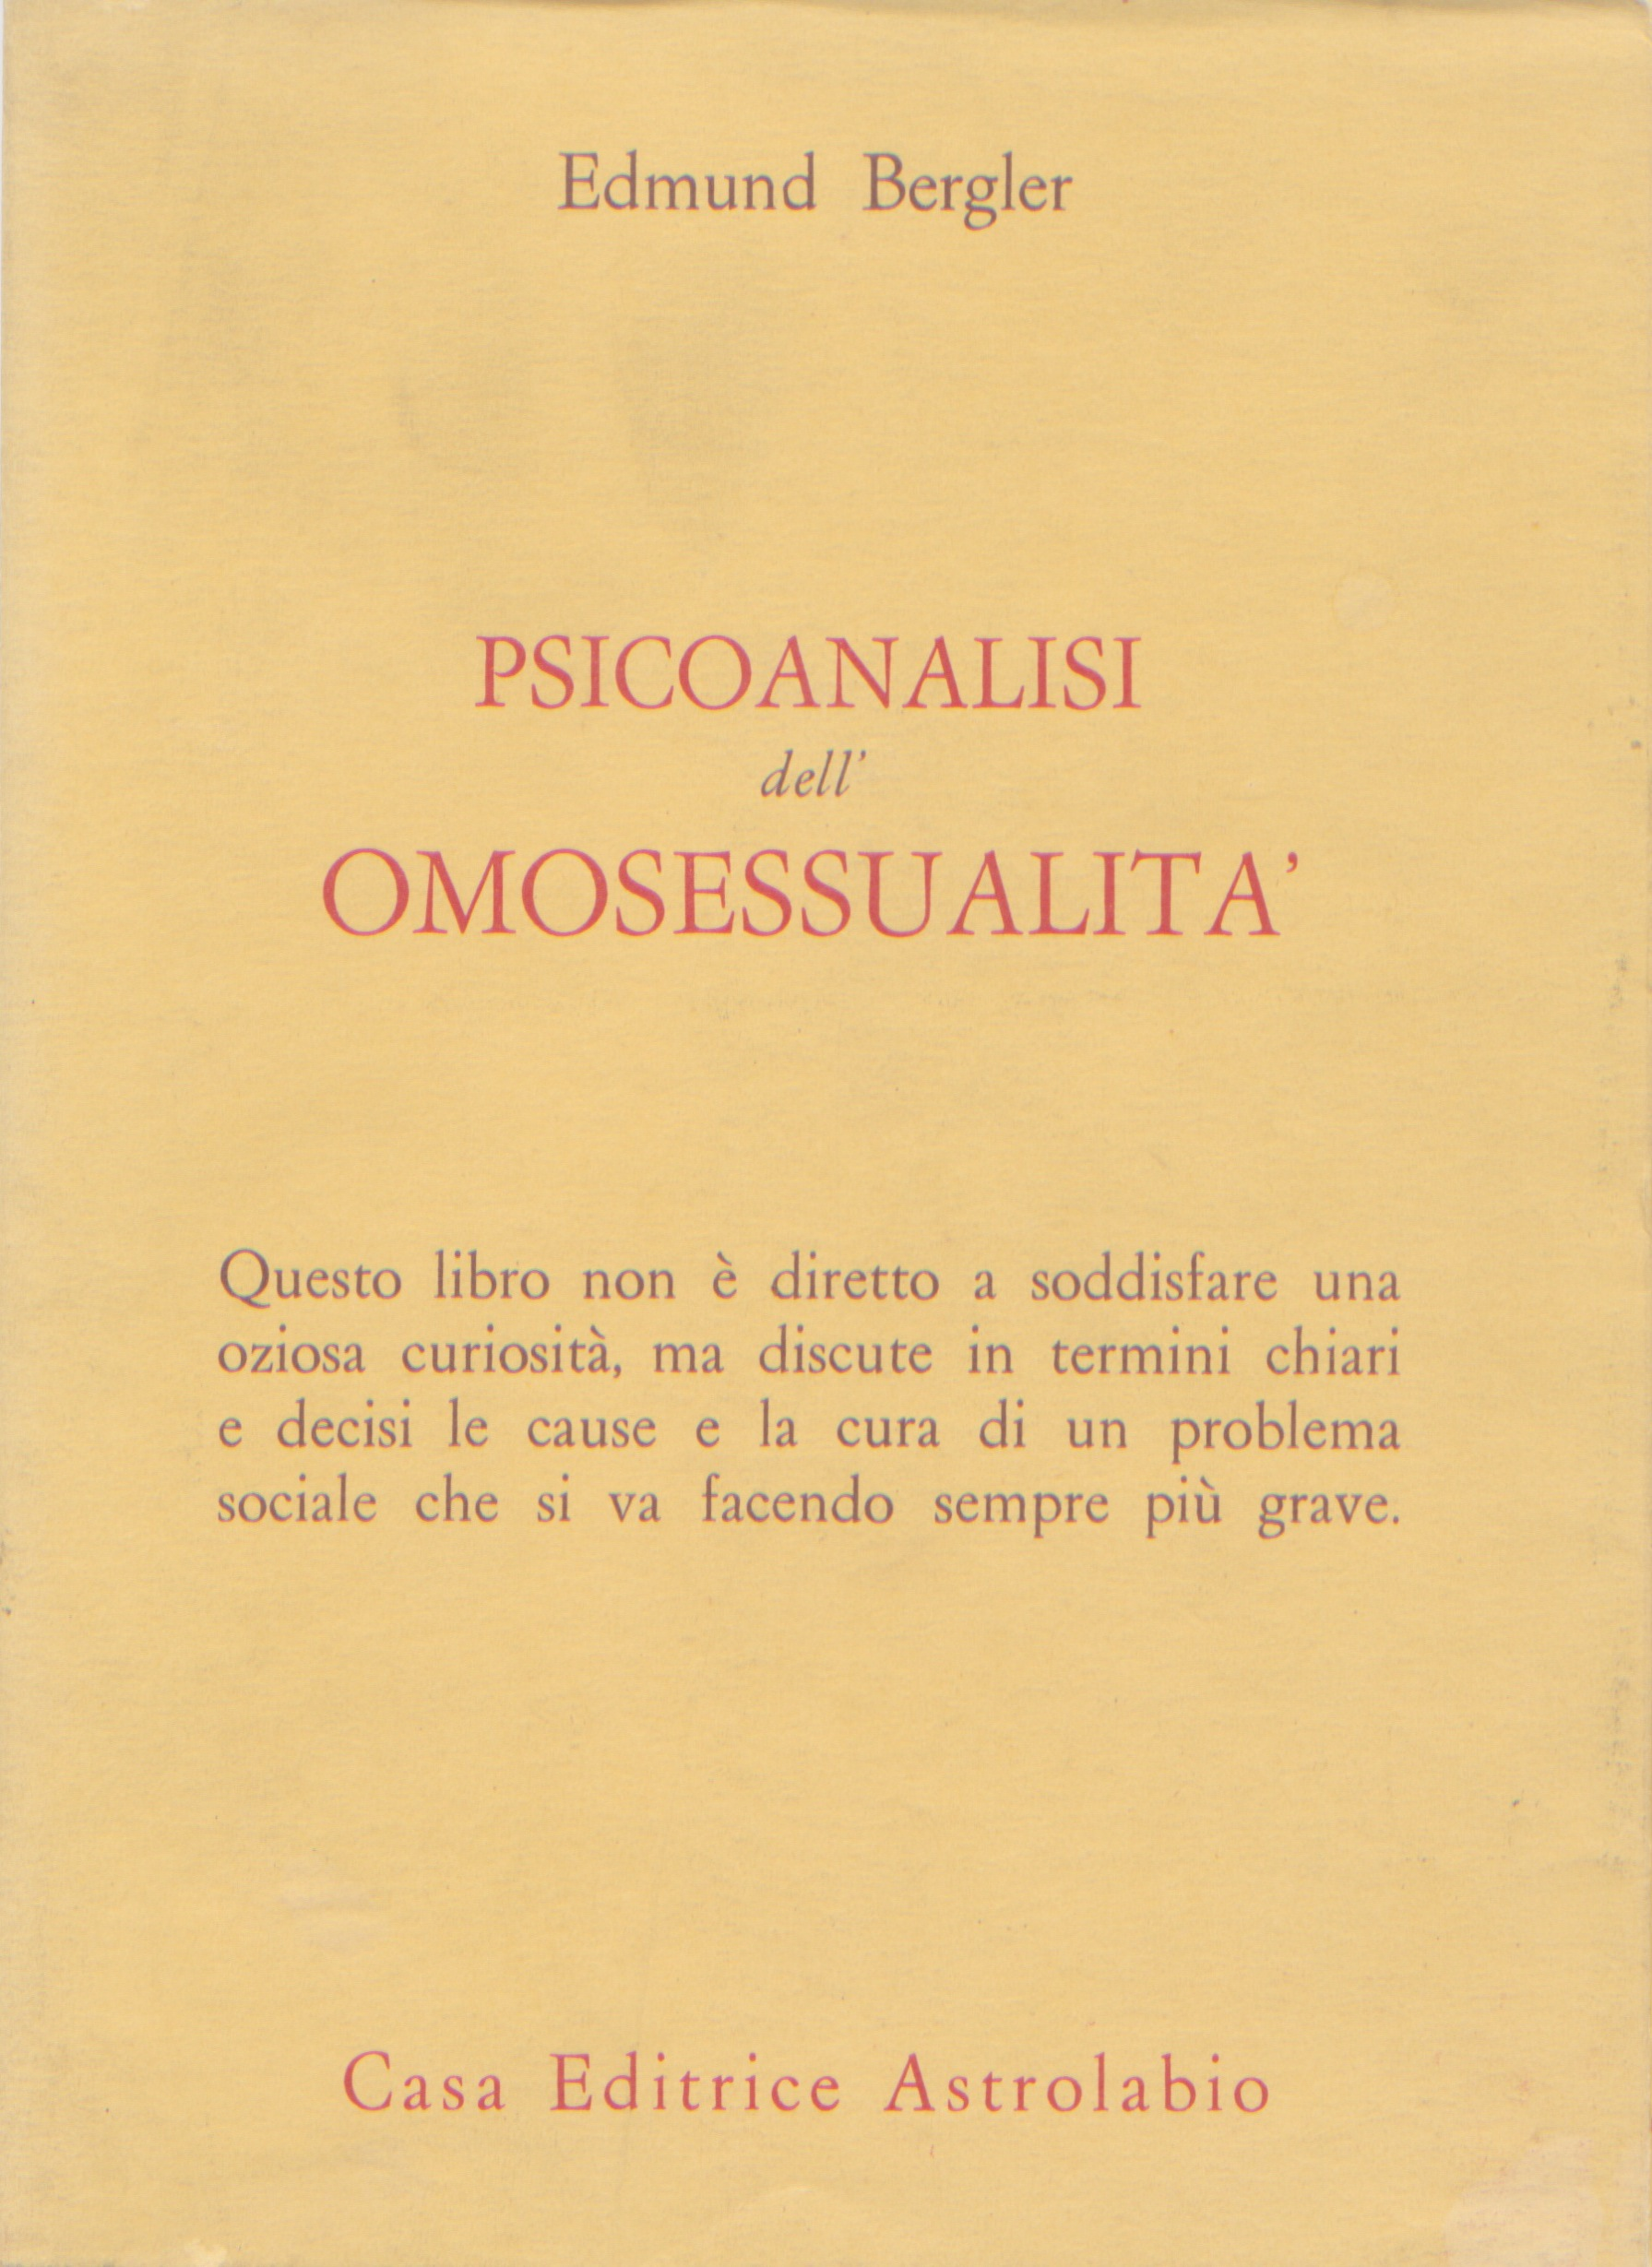 Psicoanalisi dell'omosessualita'